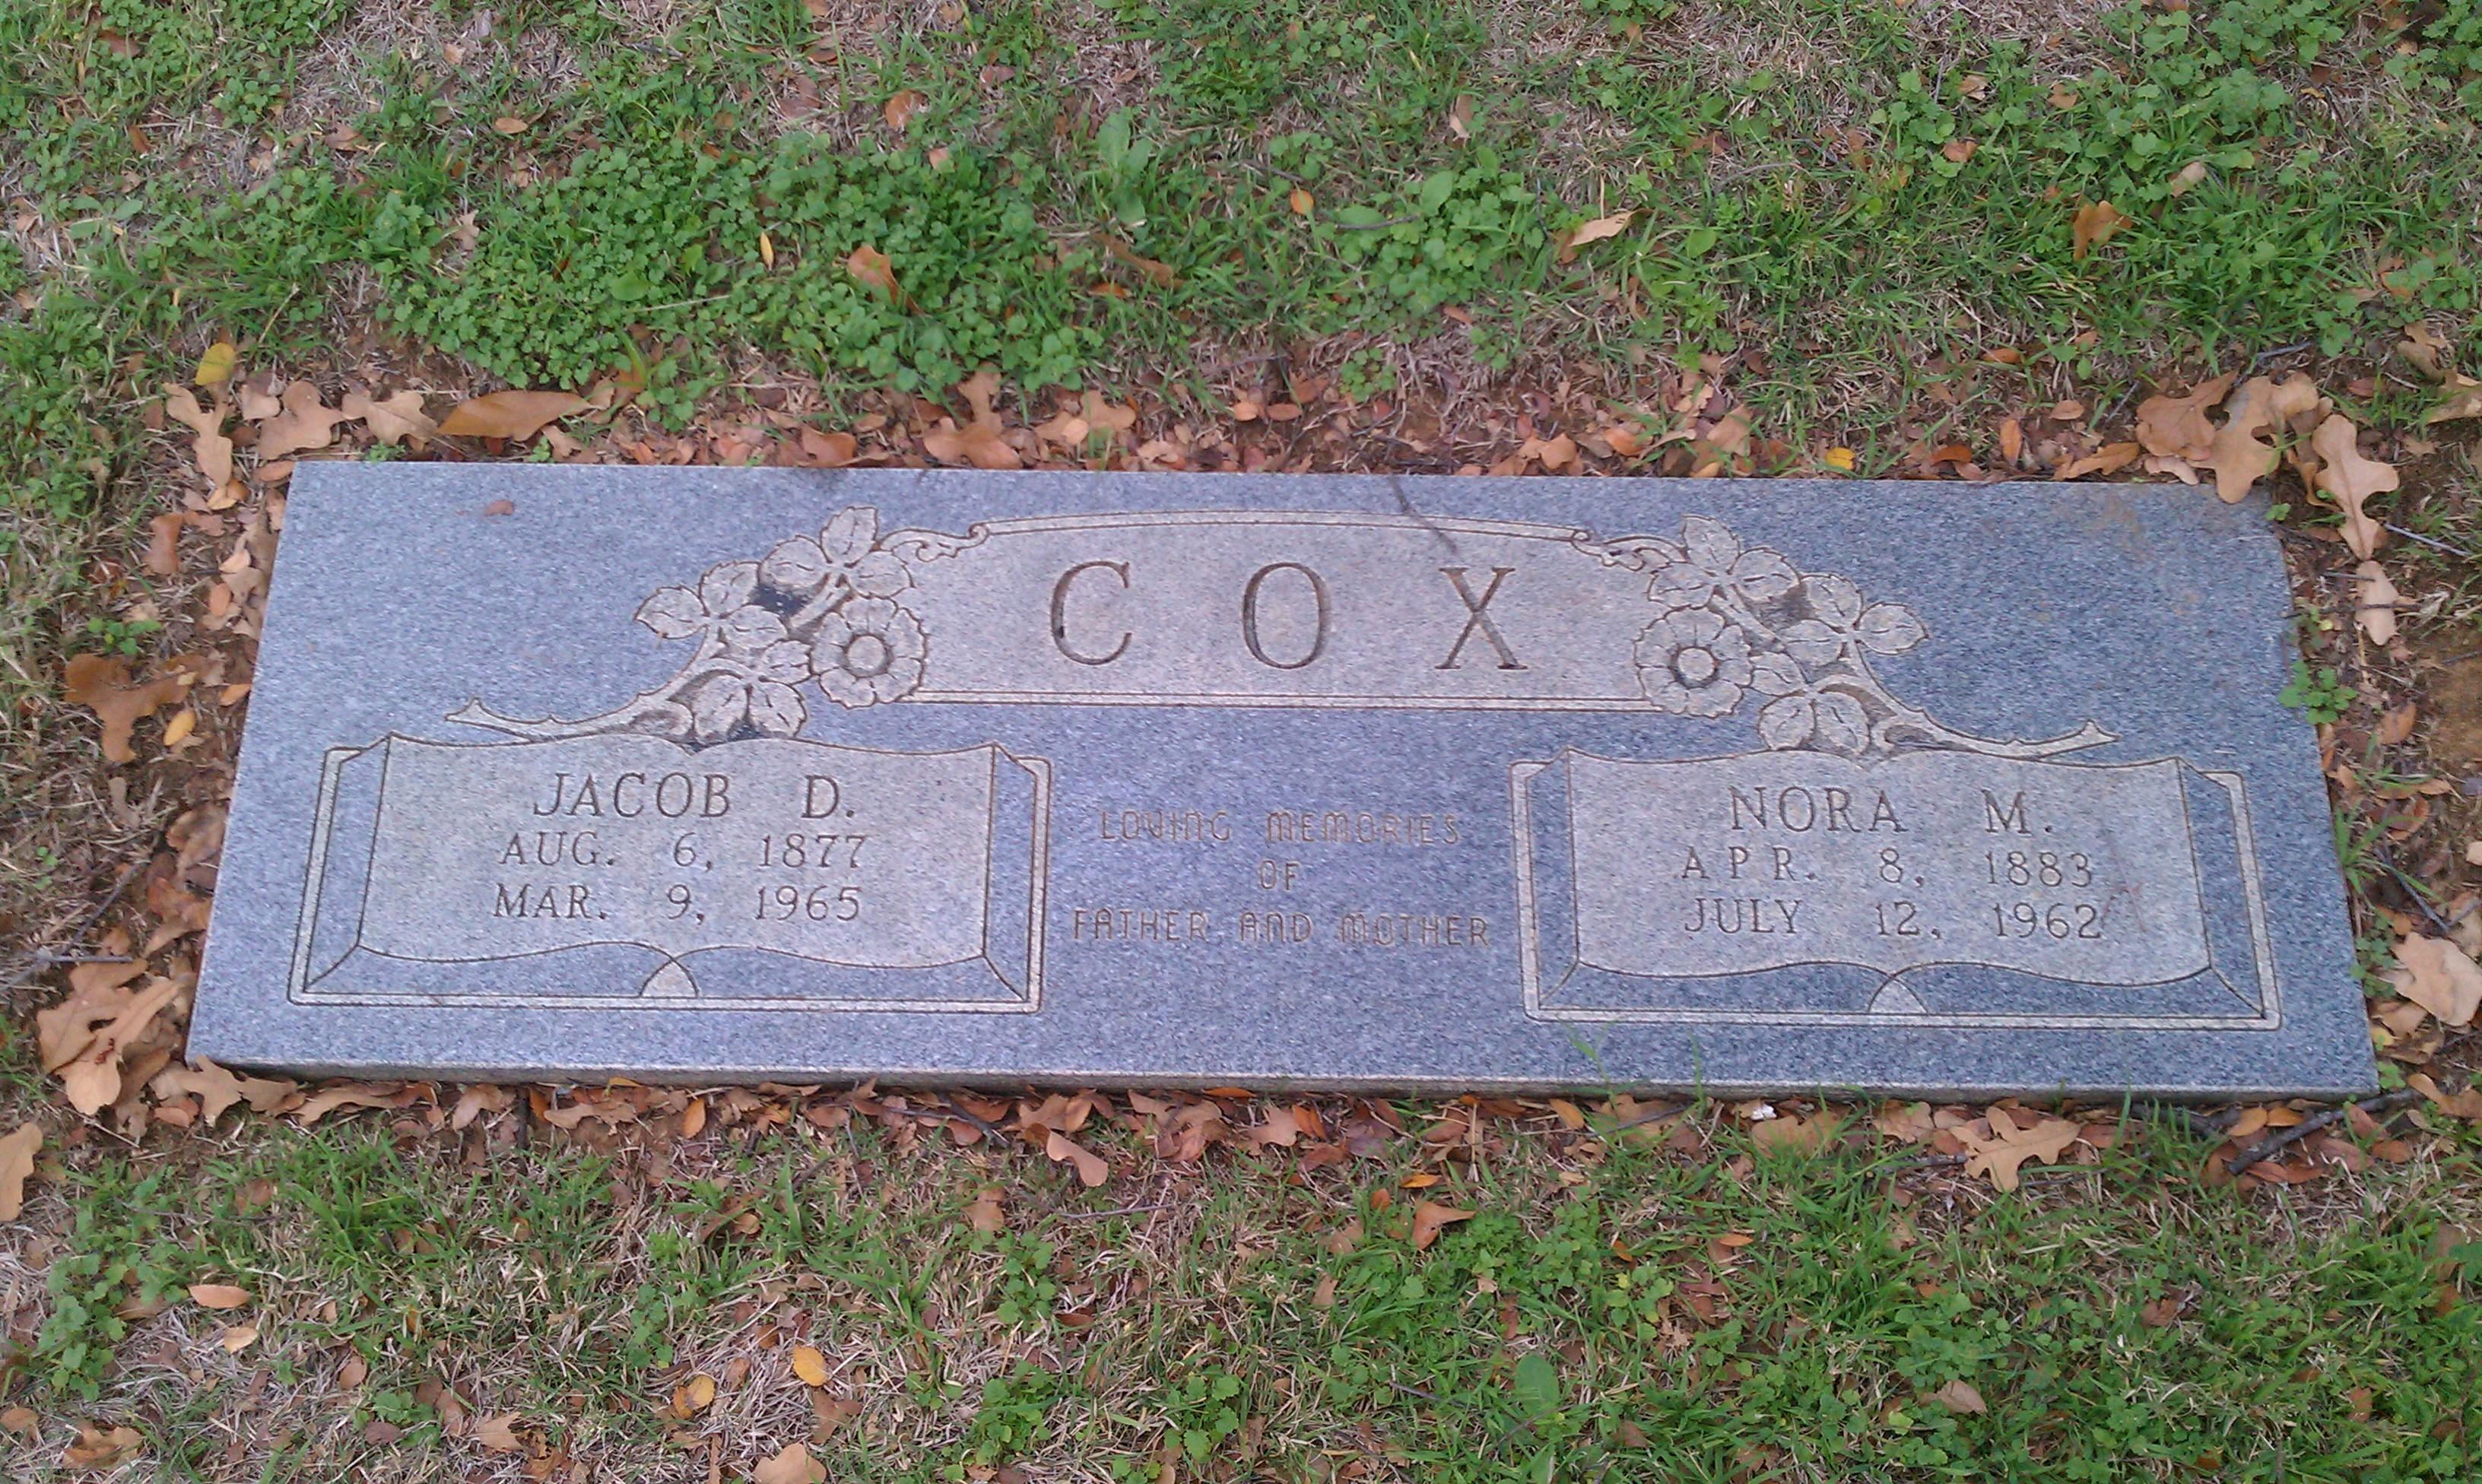 Jacob Cox gravestone